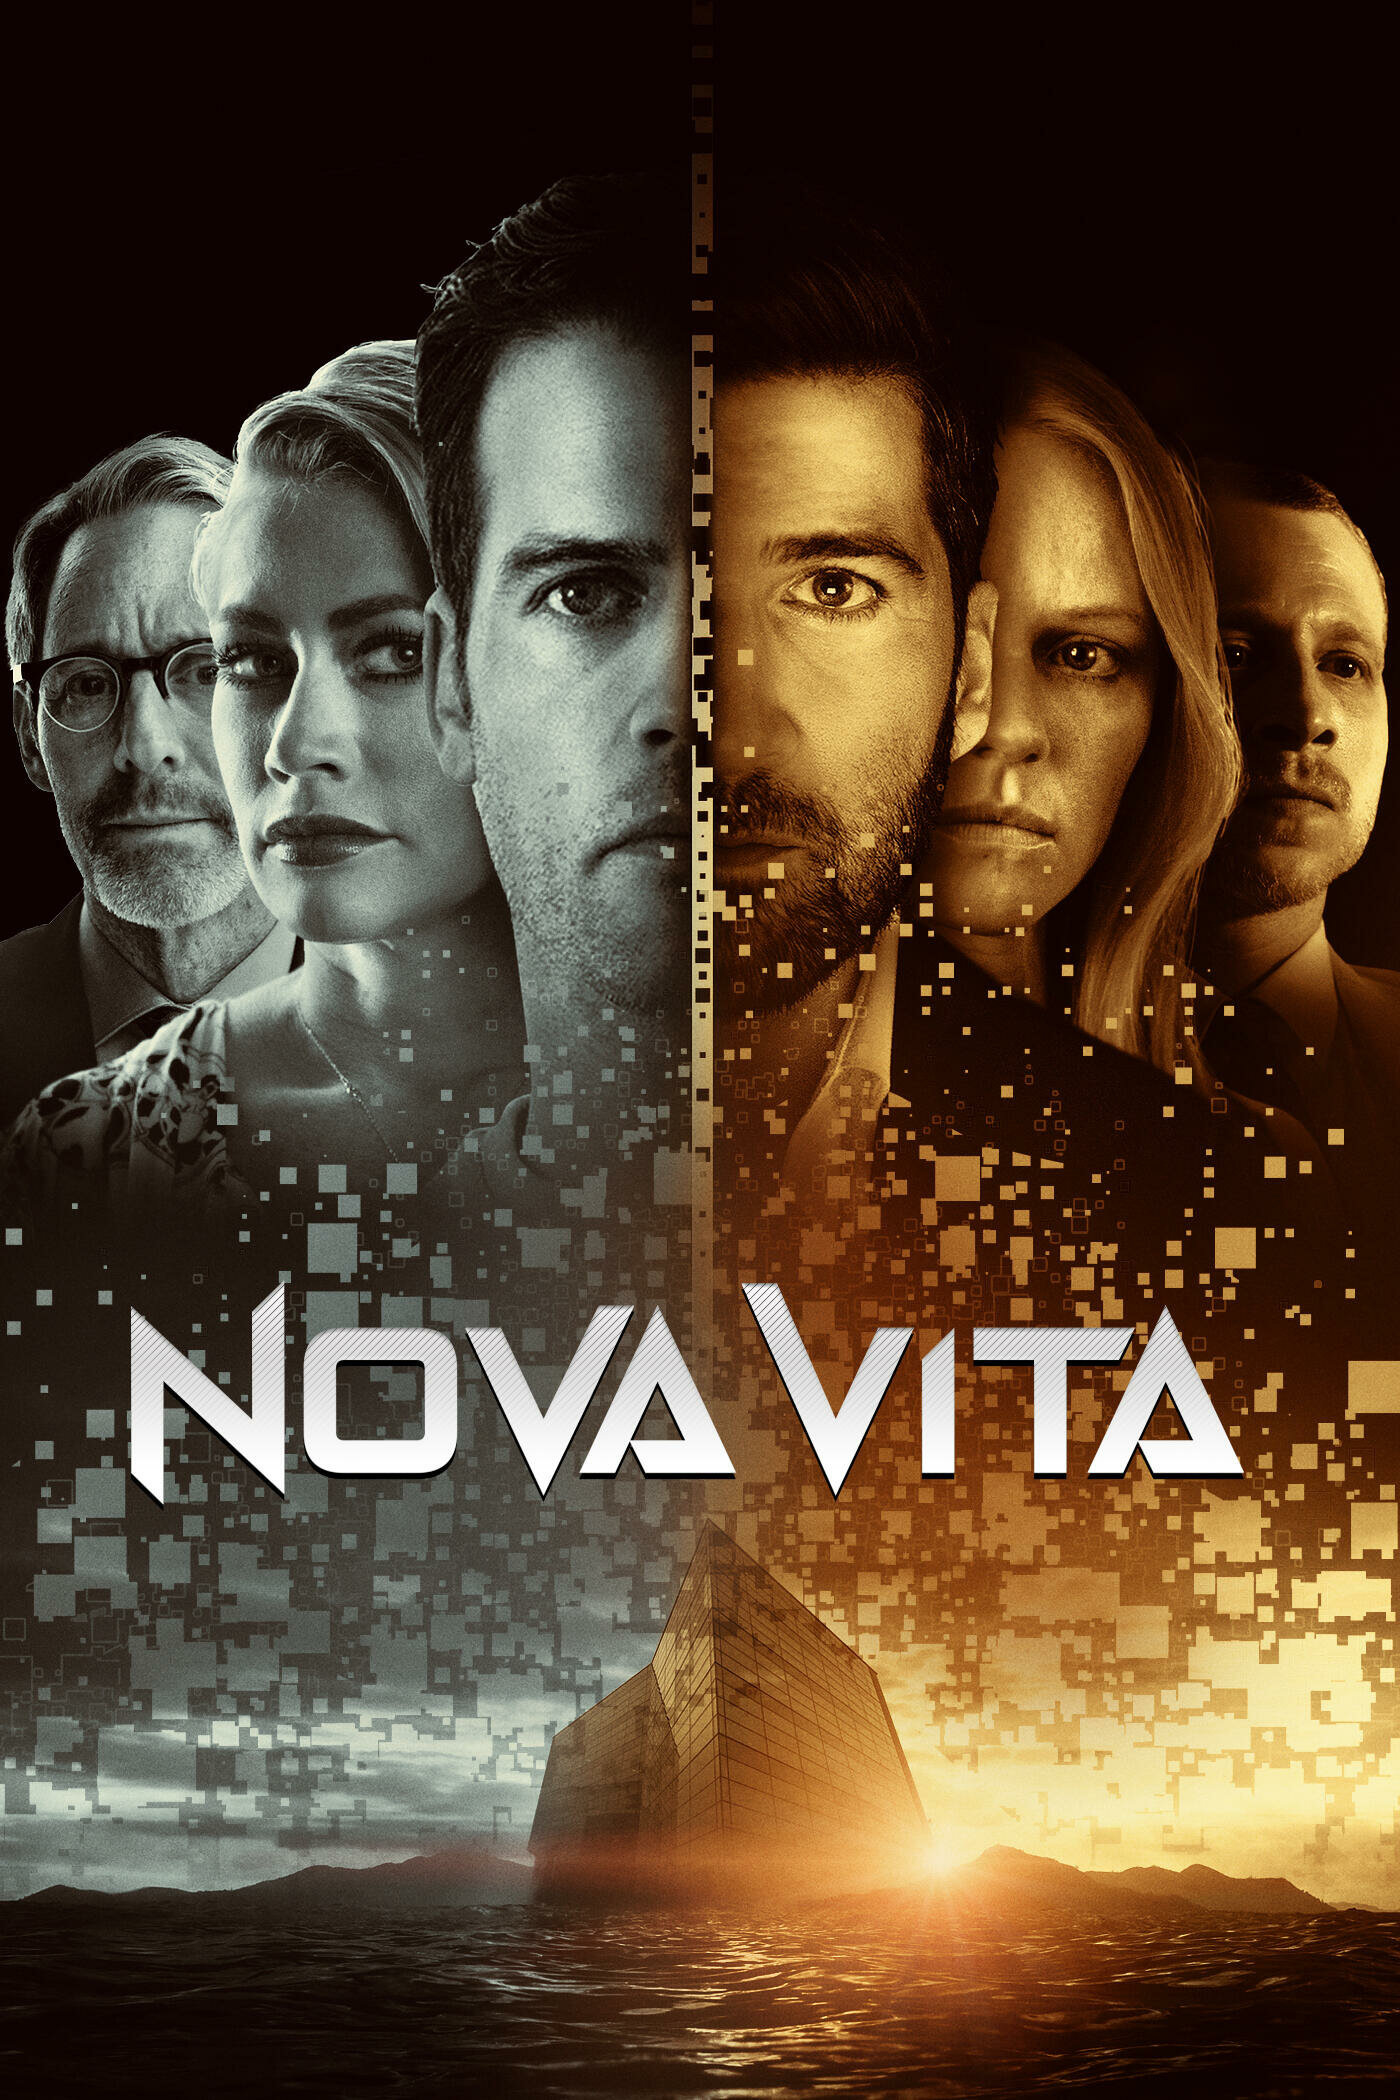 Nova Vita ne zaman